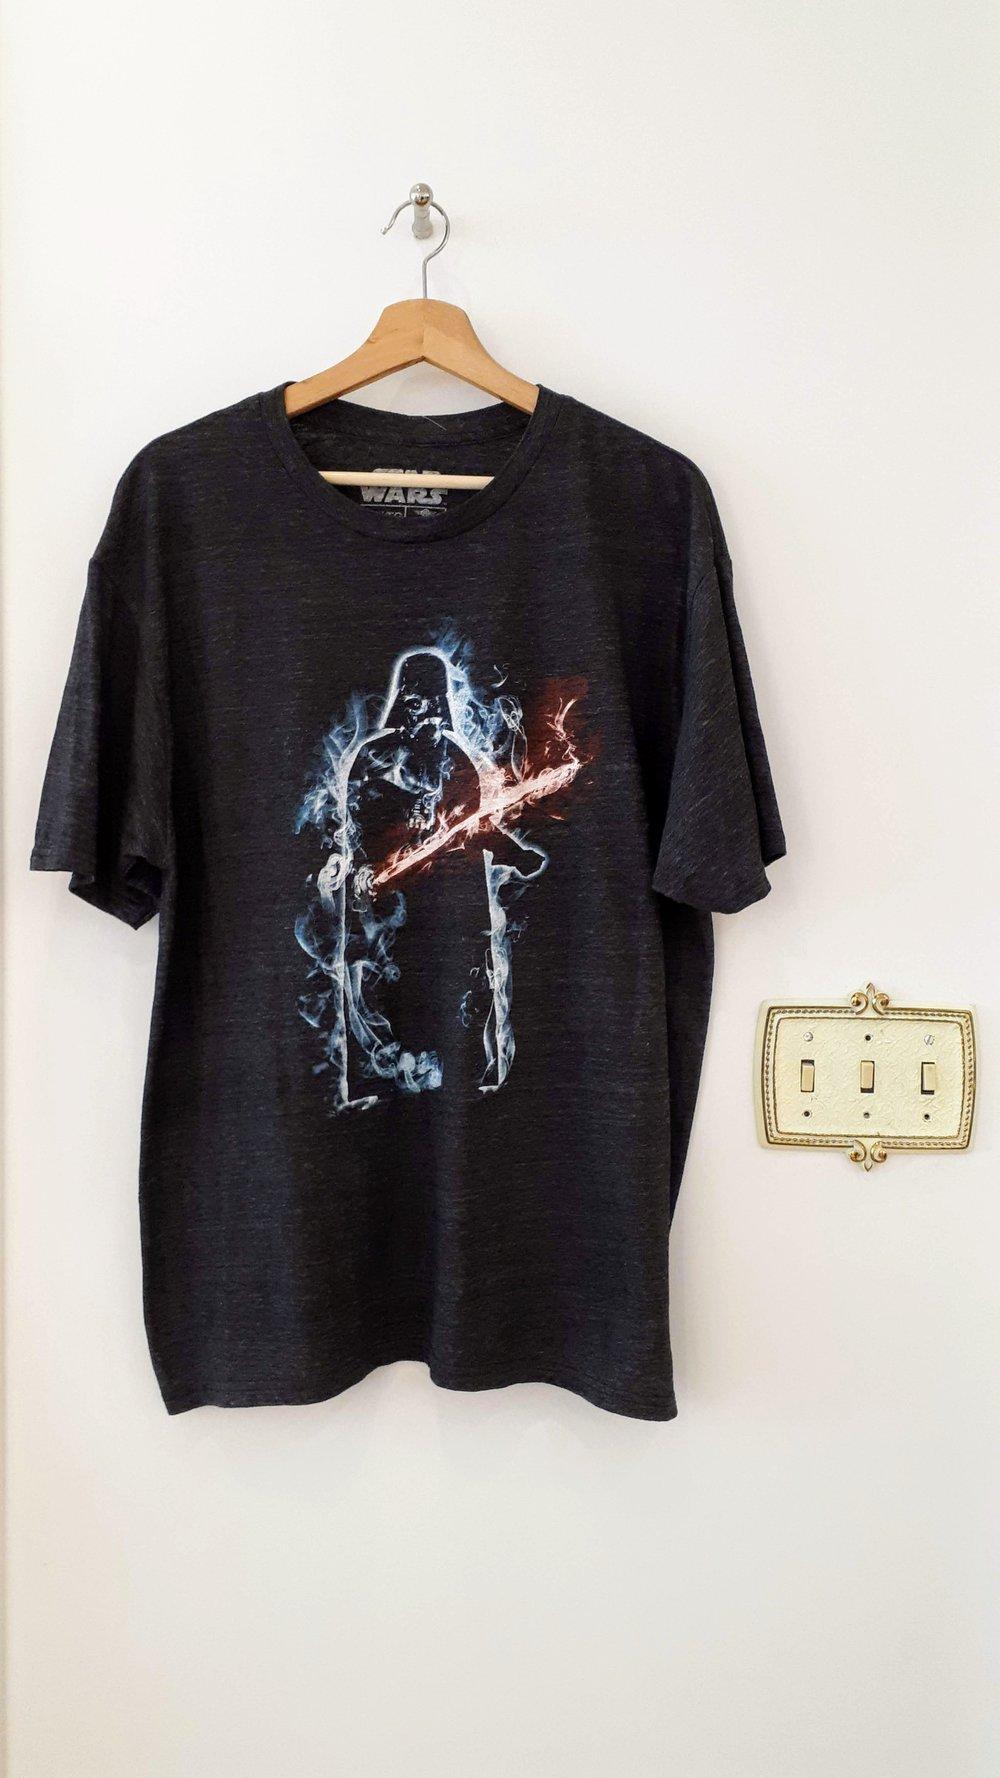 Star Wars t-shirt (mens); Size XL, $22